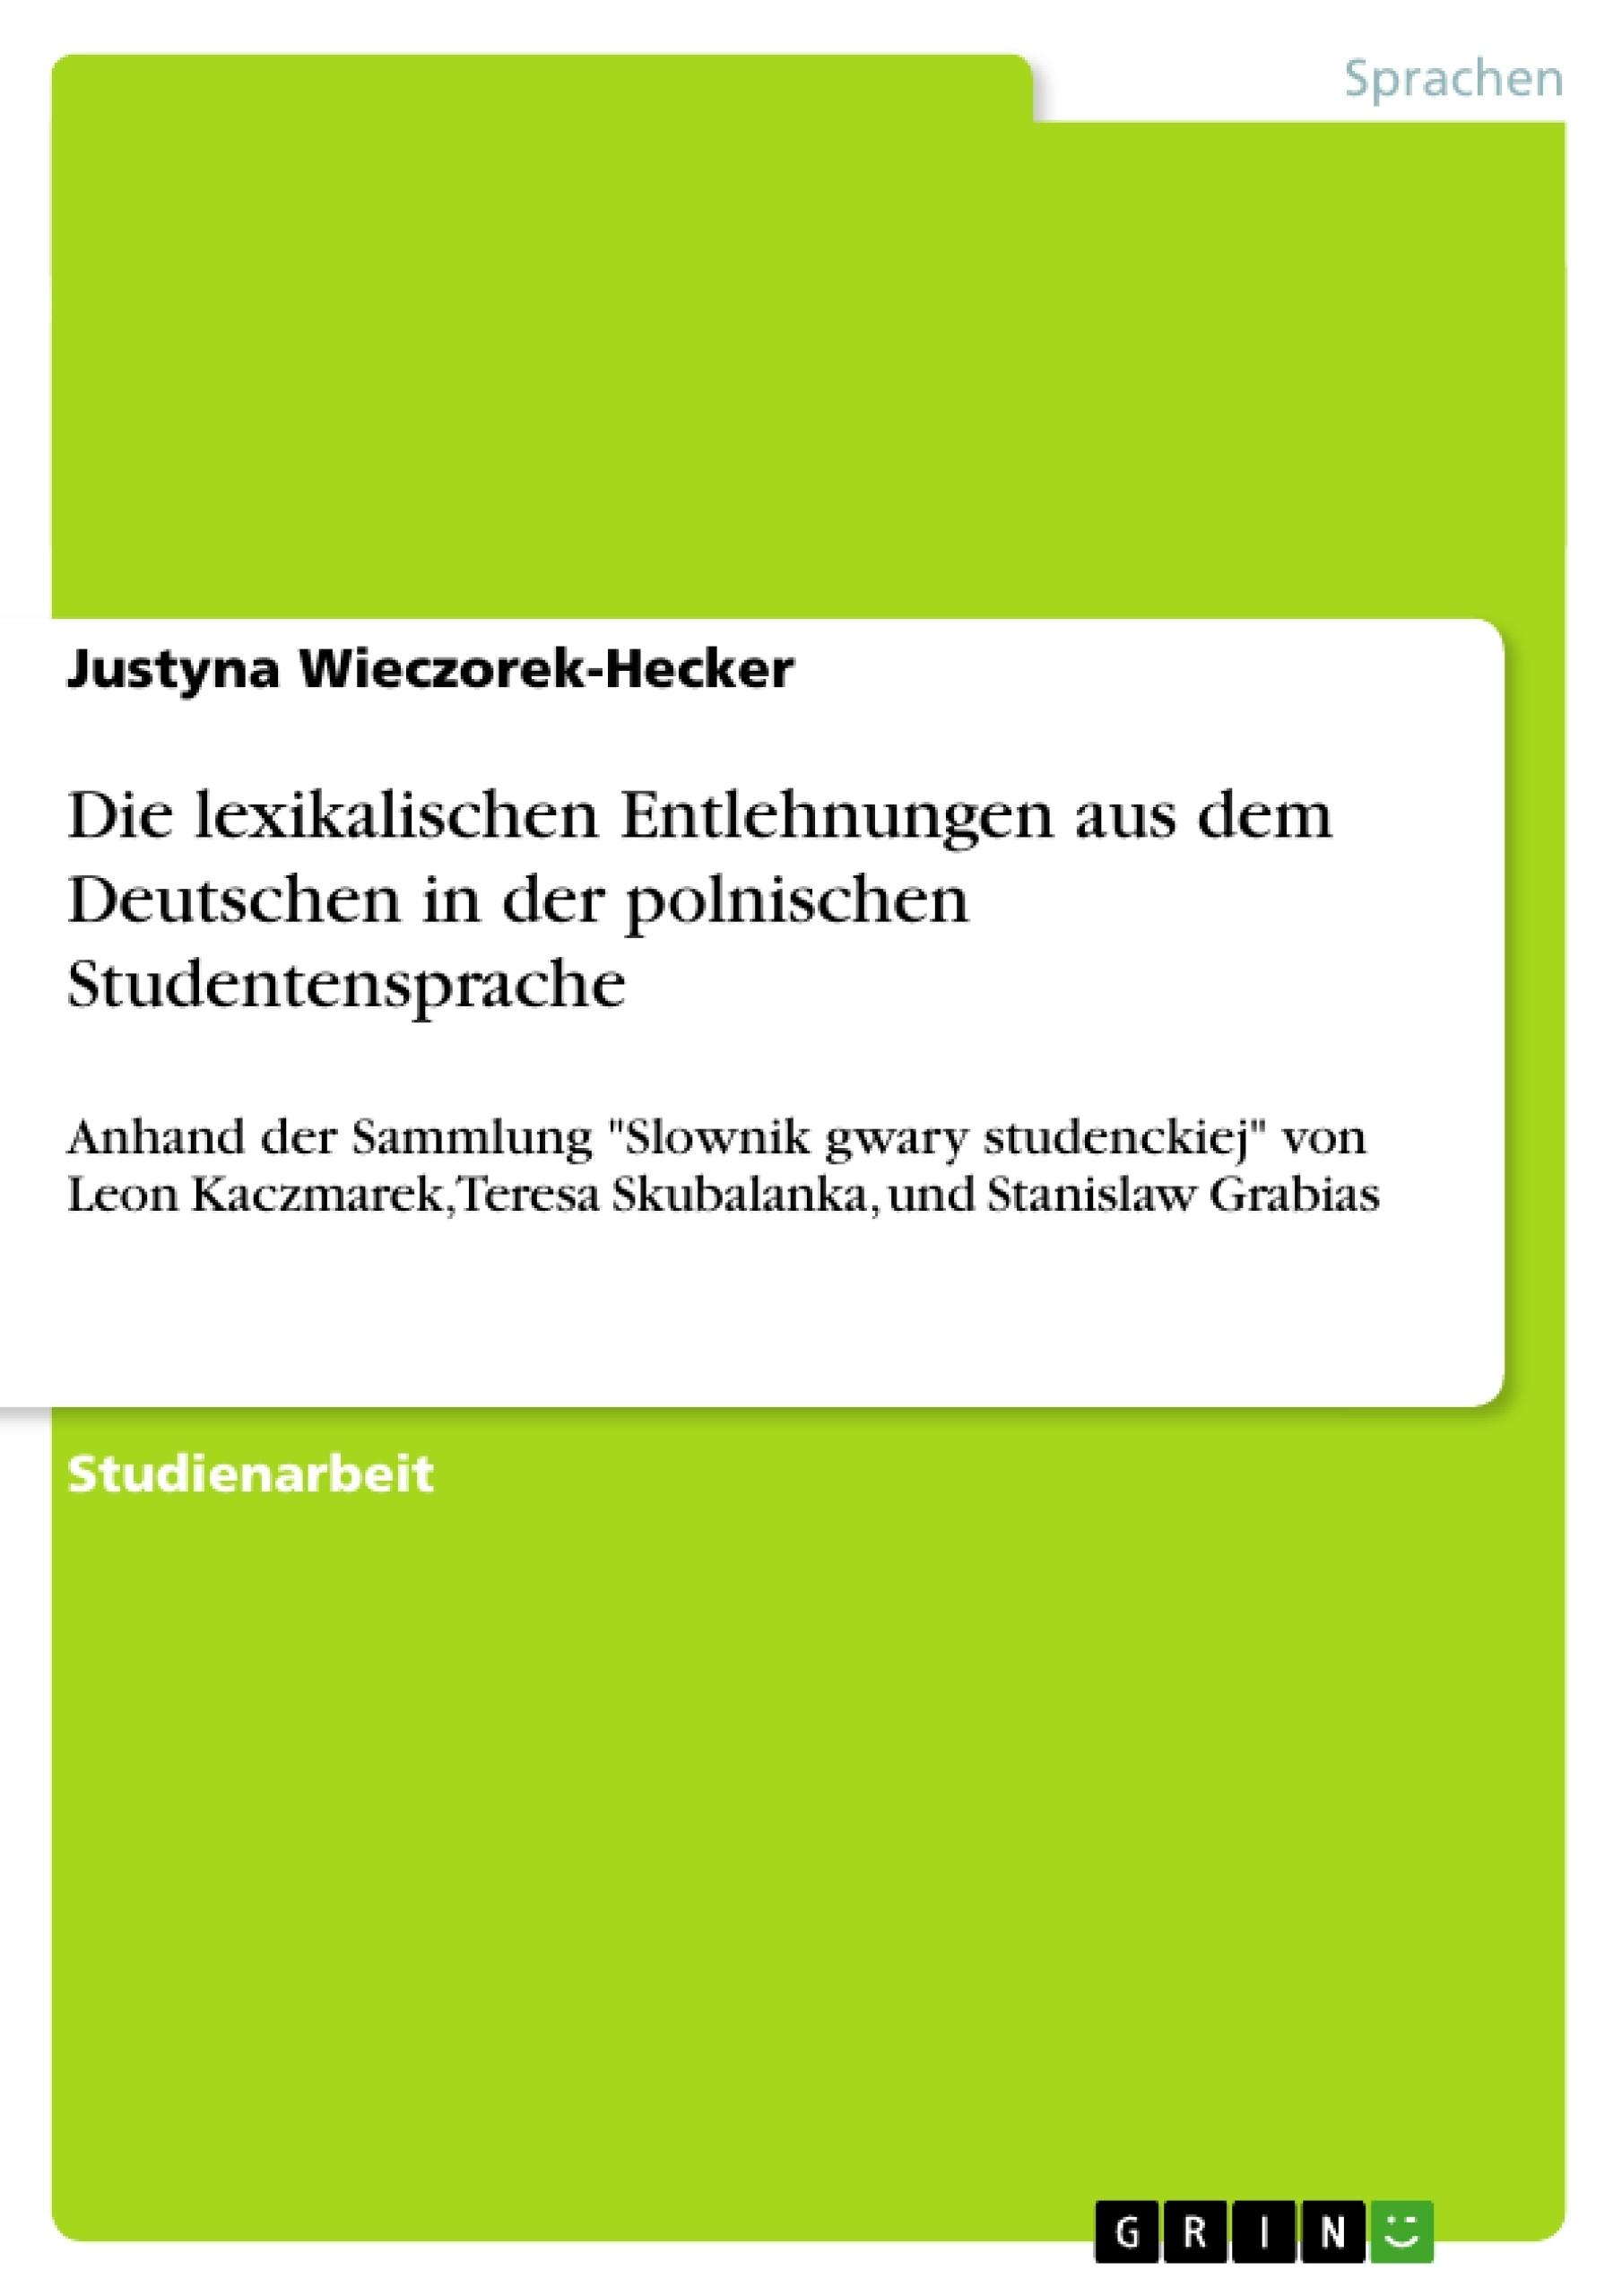 Titel: Die lexikalischen Entlehnungen aus dem Deutschen in der polnischen Studentensprache